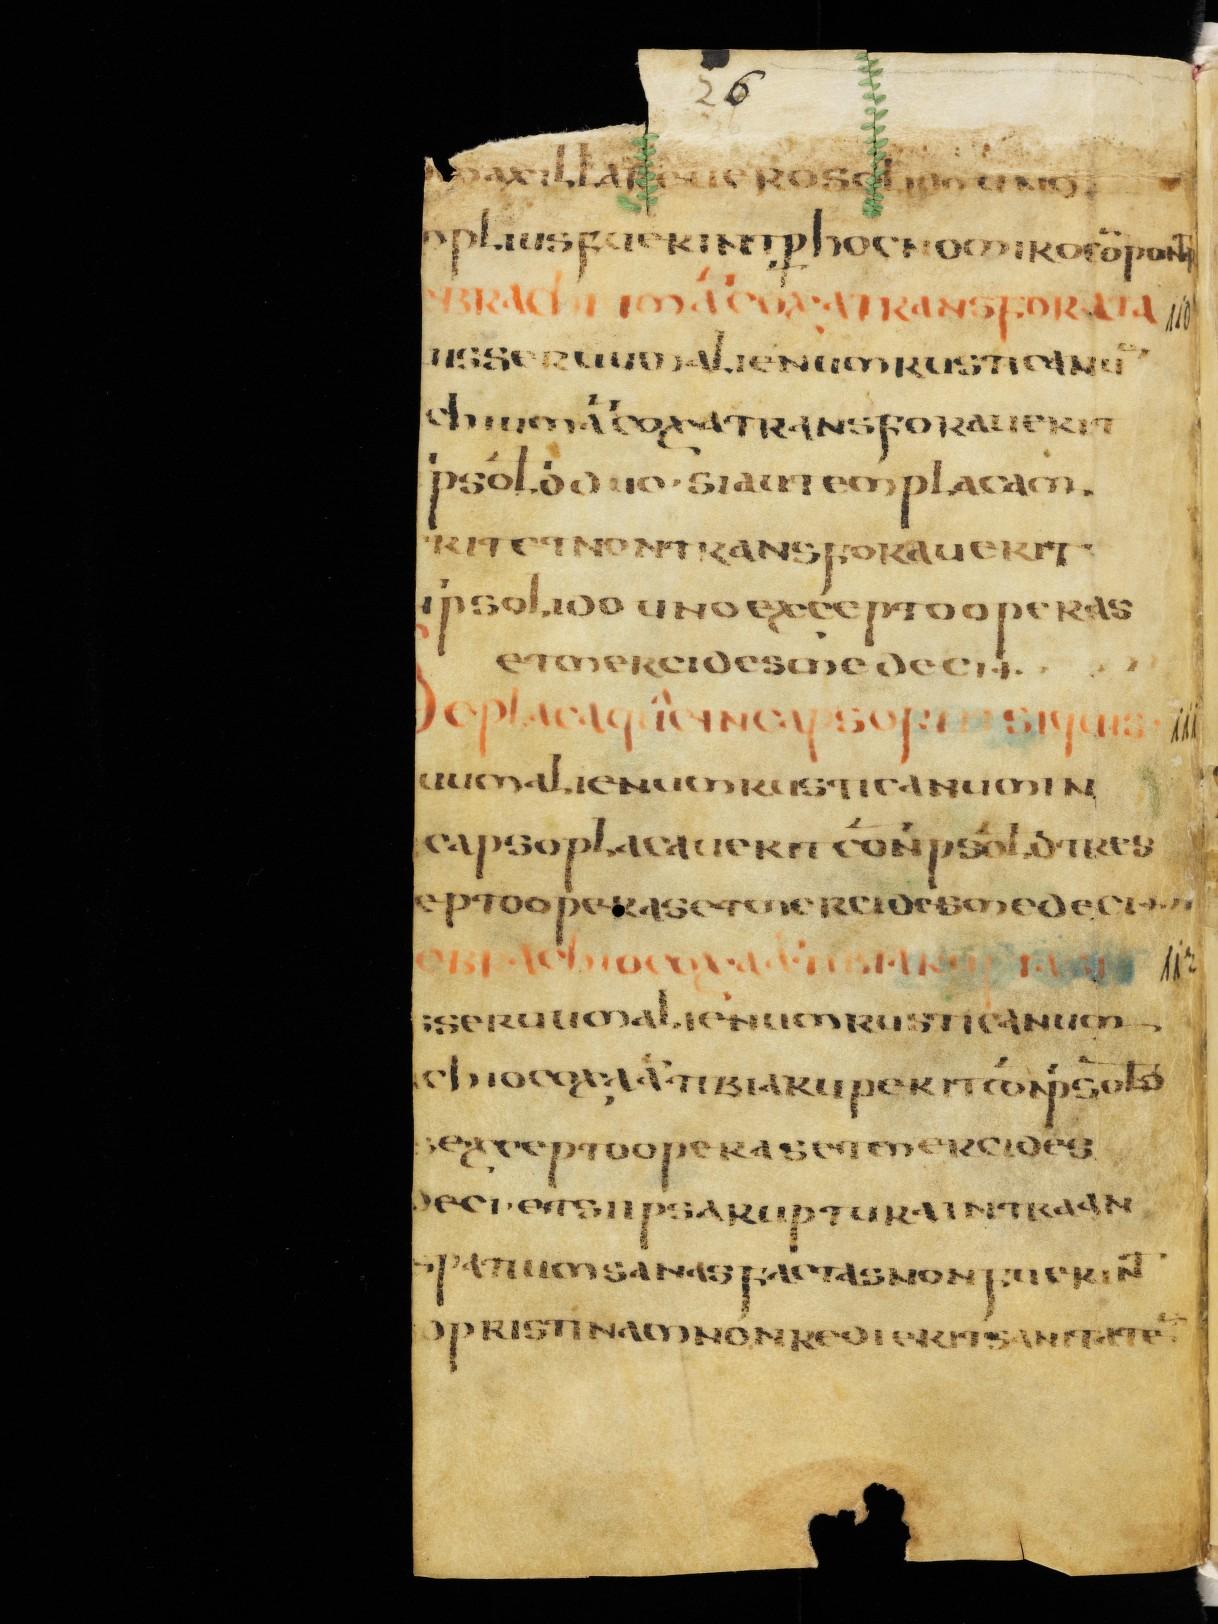 Cod. Sang. 730, p. 26